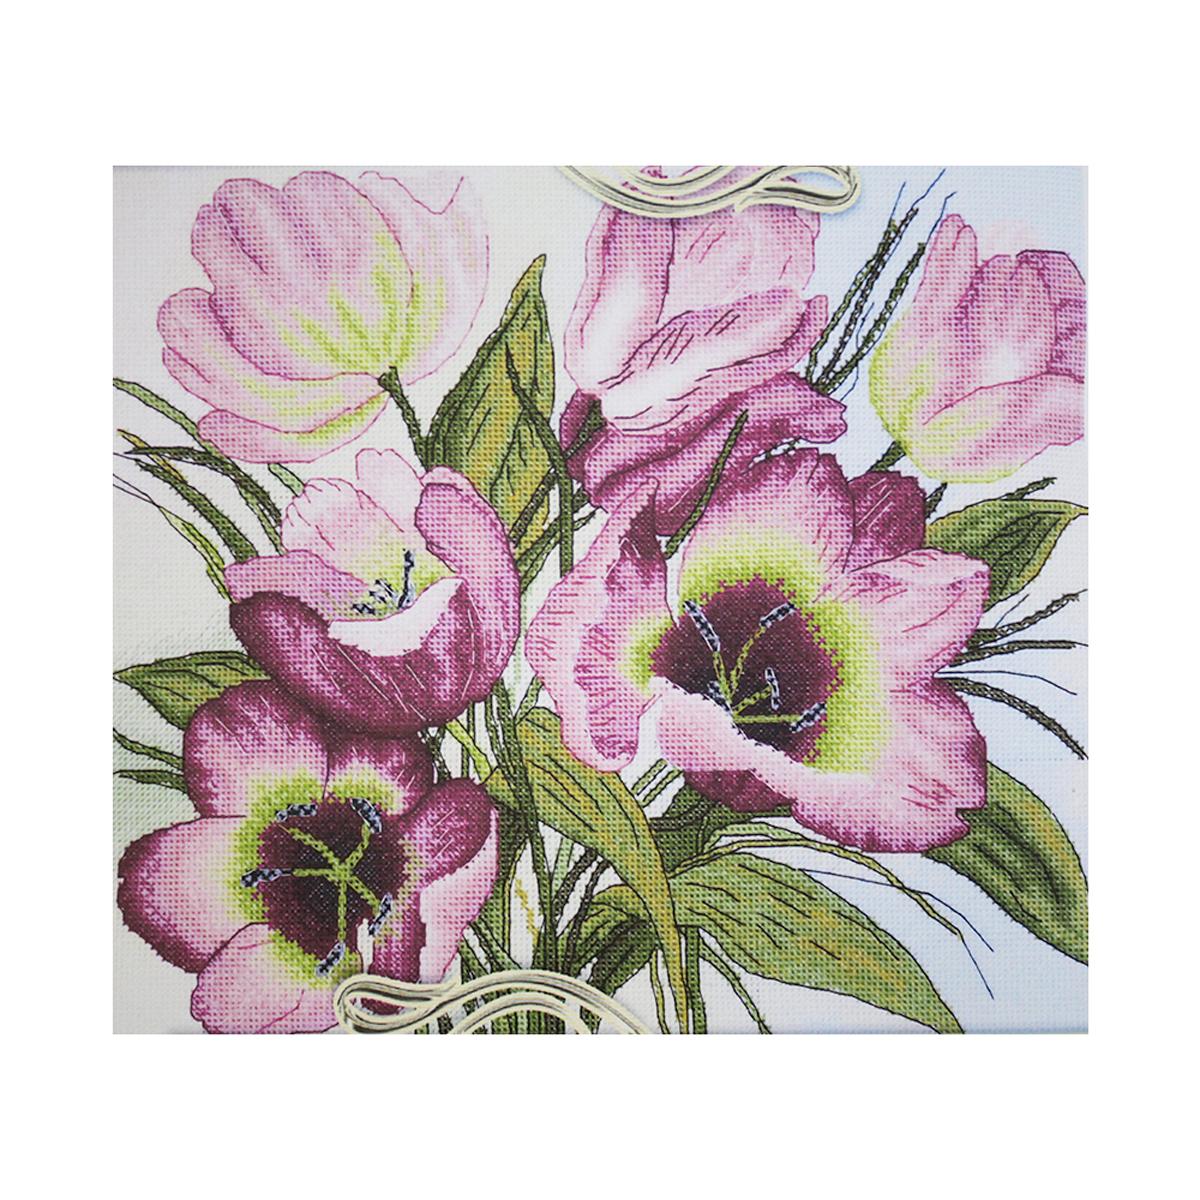 Набор для вышивания Alisena Тюльпаны, 24 x 27 см549781